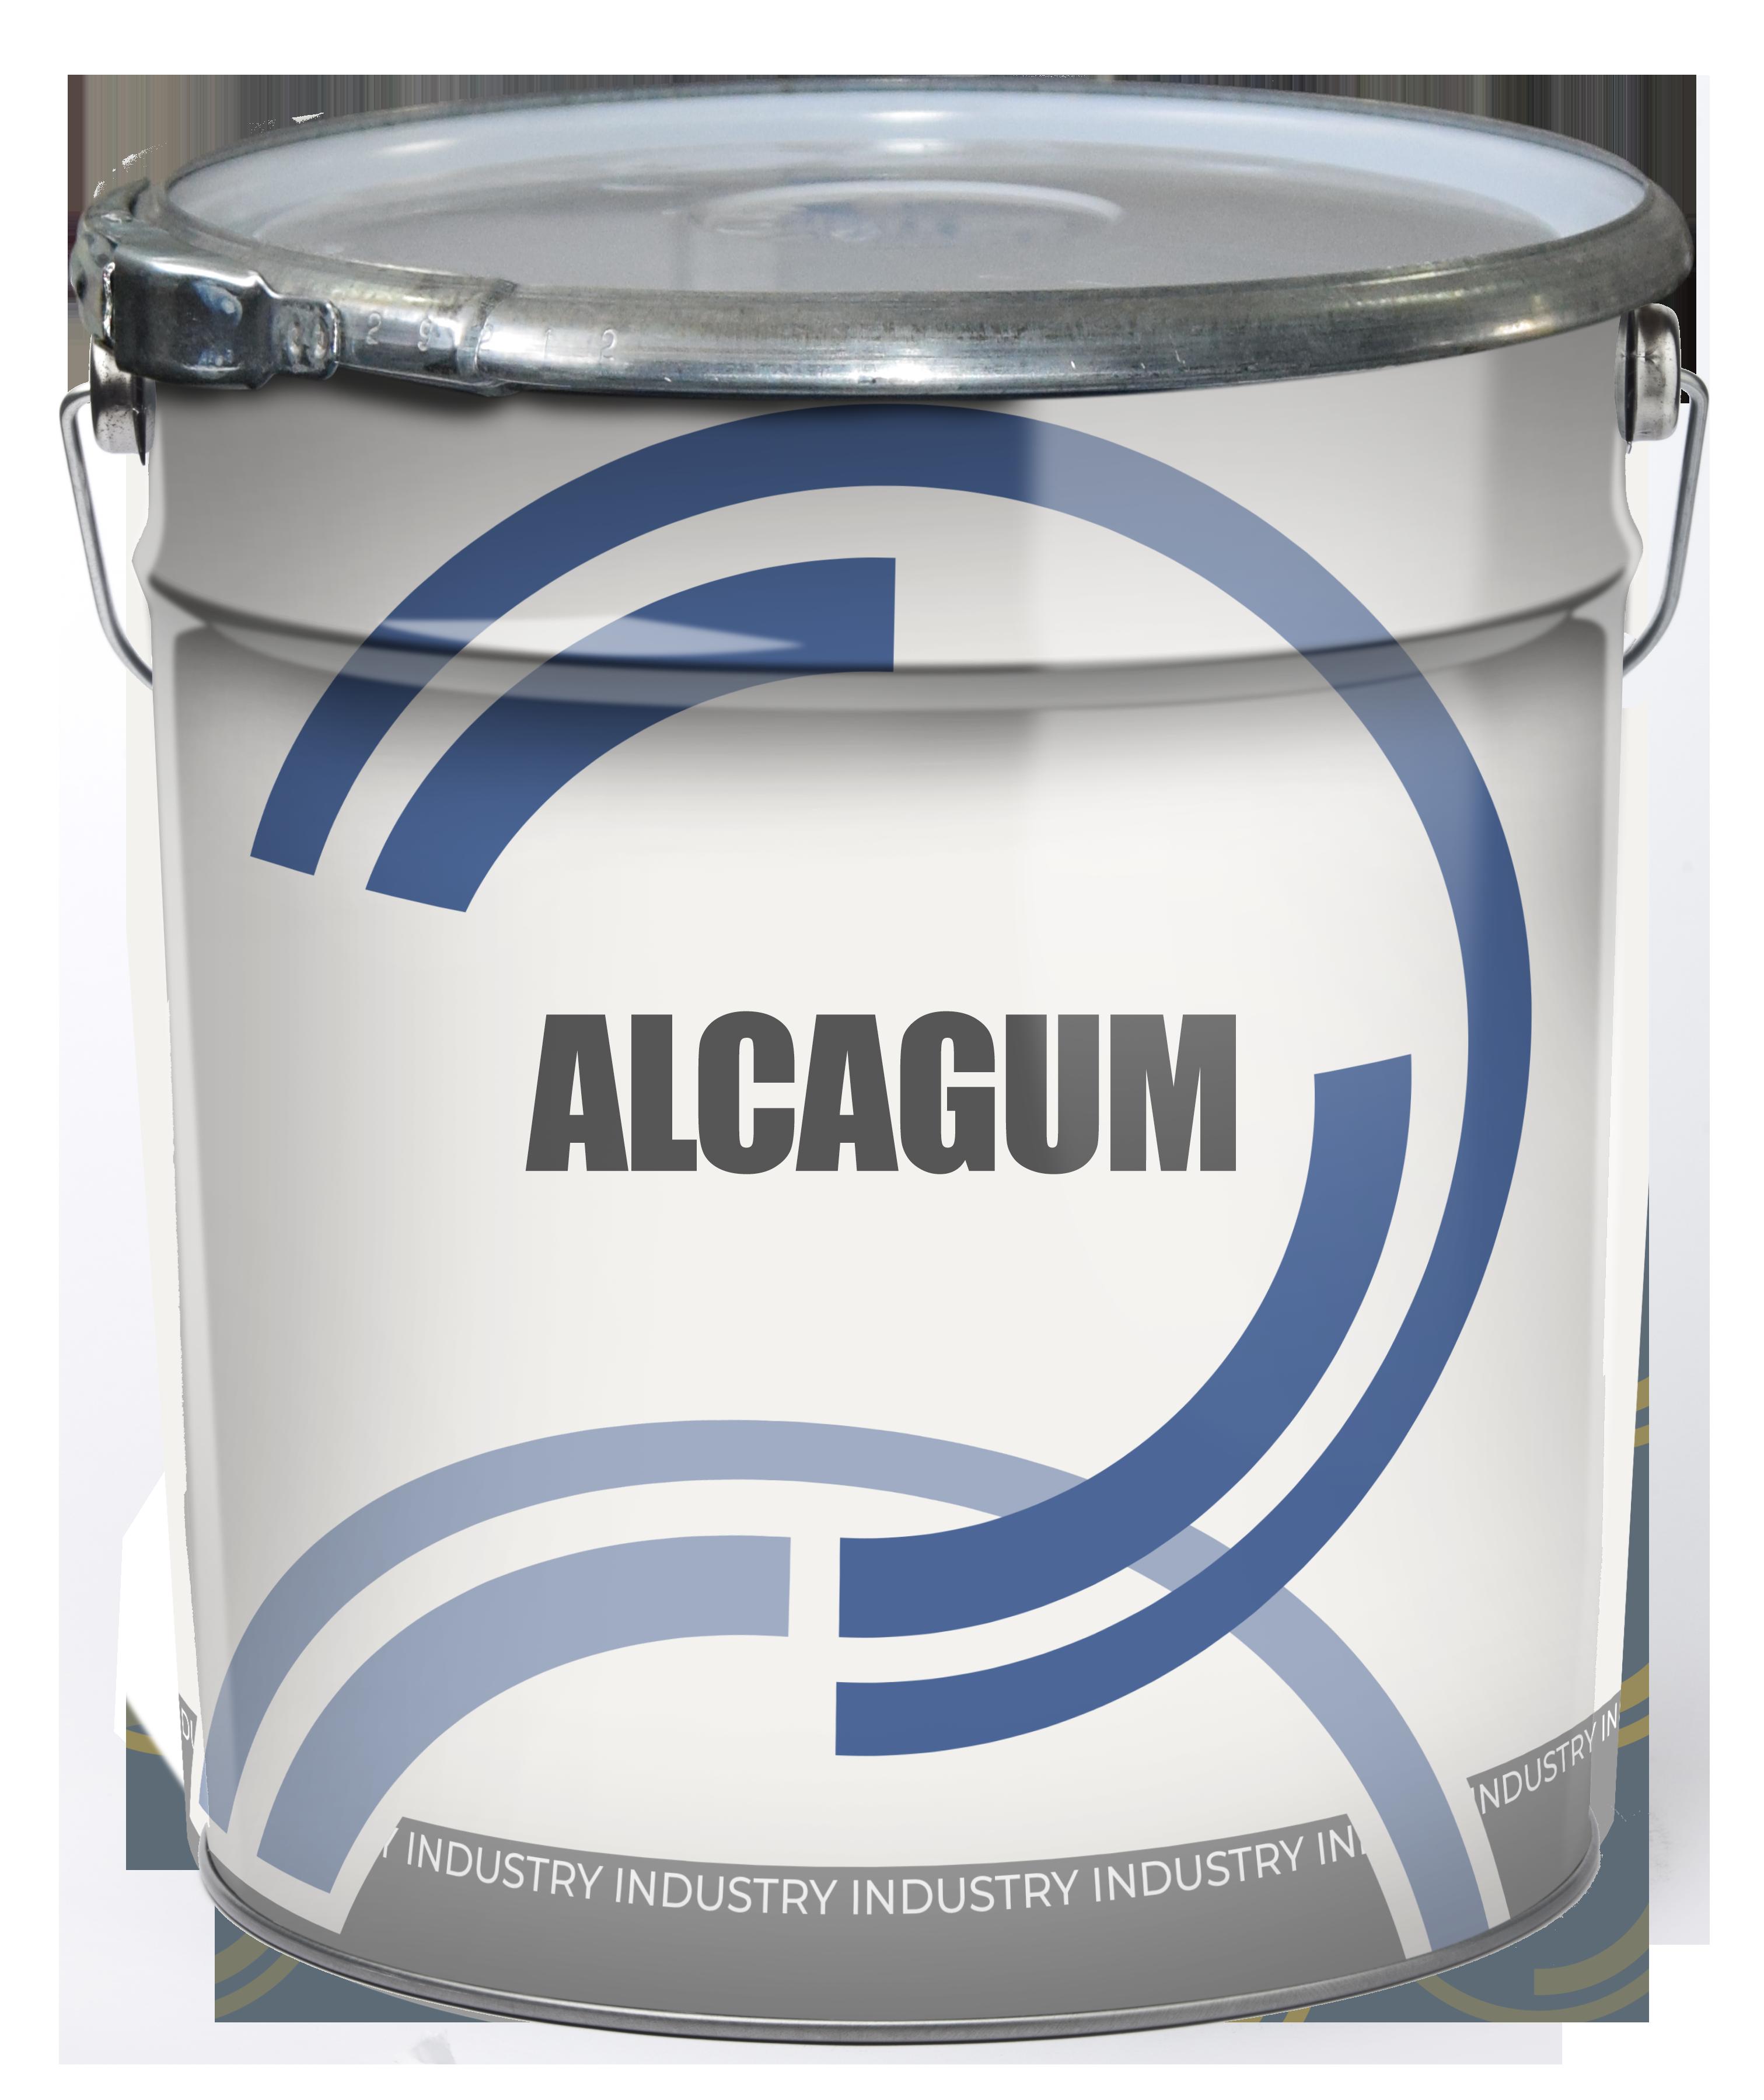 Alcagum